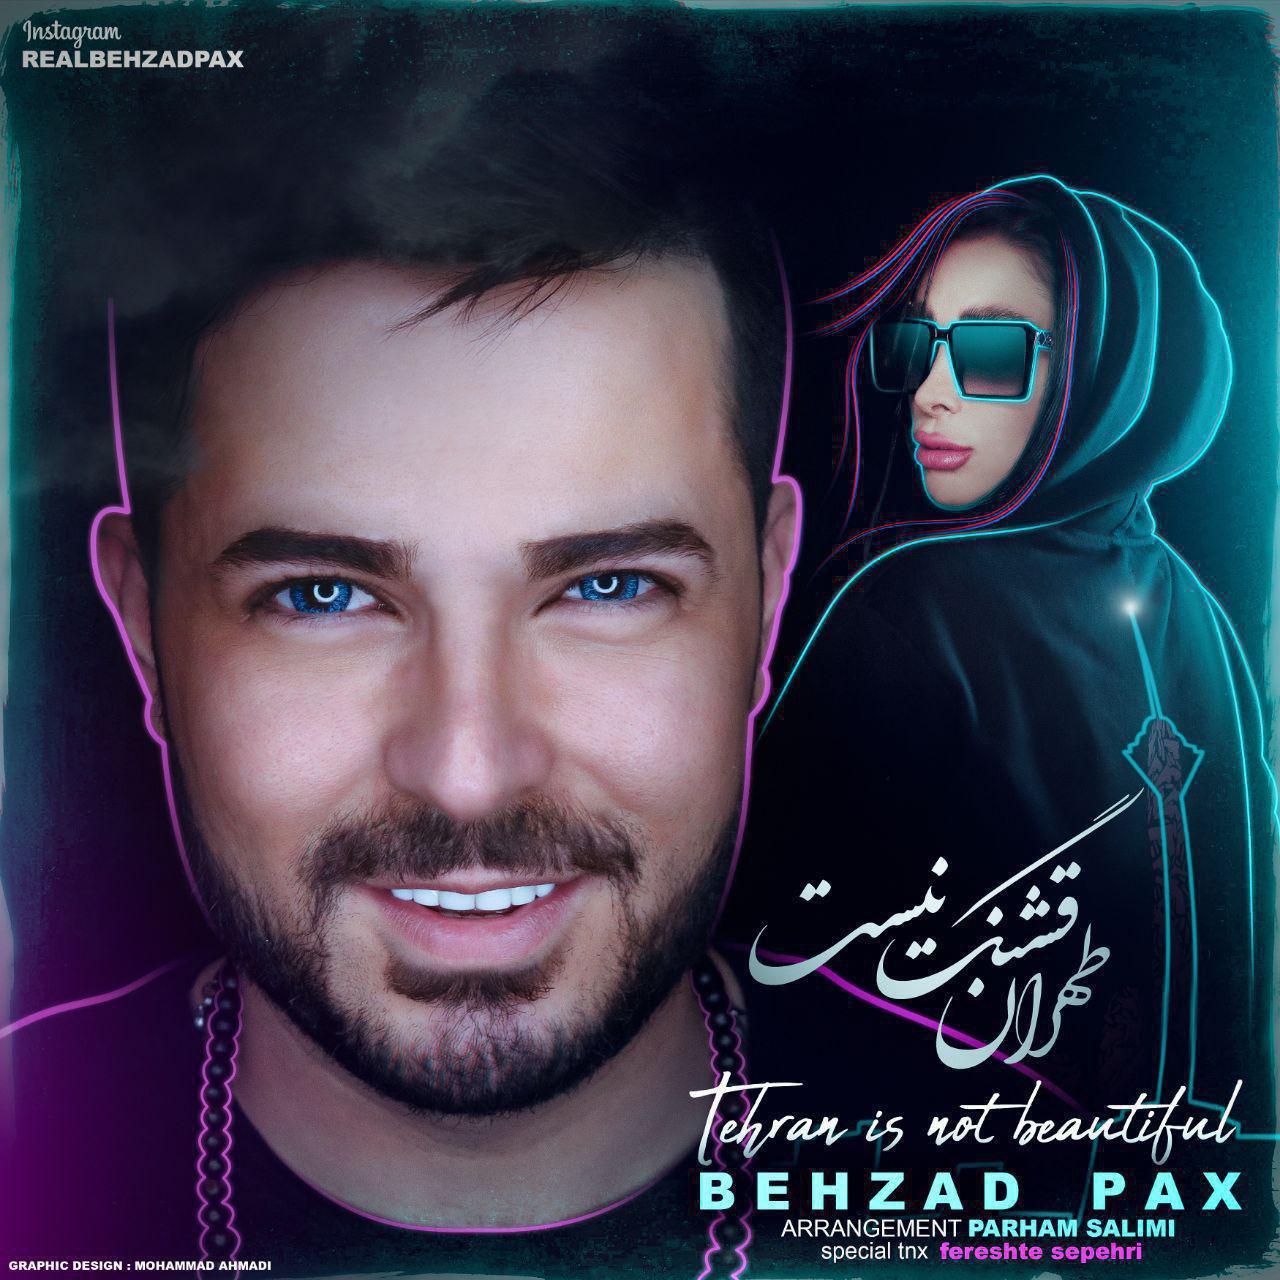 دانلود آهنگ جدید بهزاد پکس به نام طهران قشنگ نیست